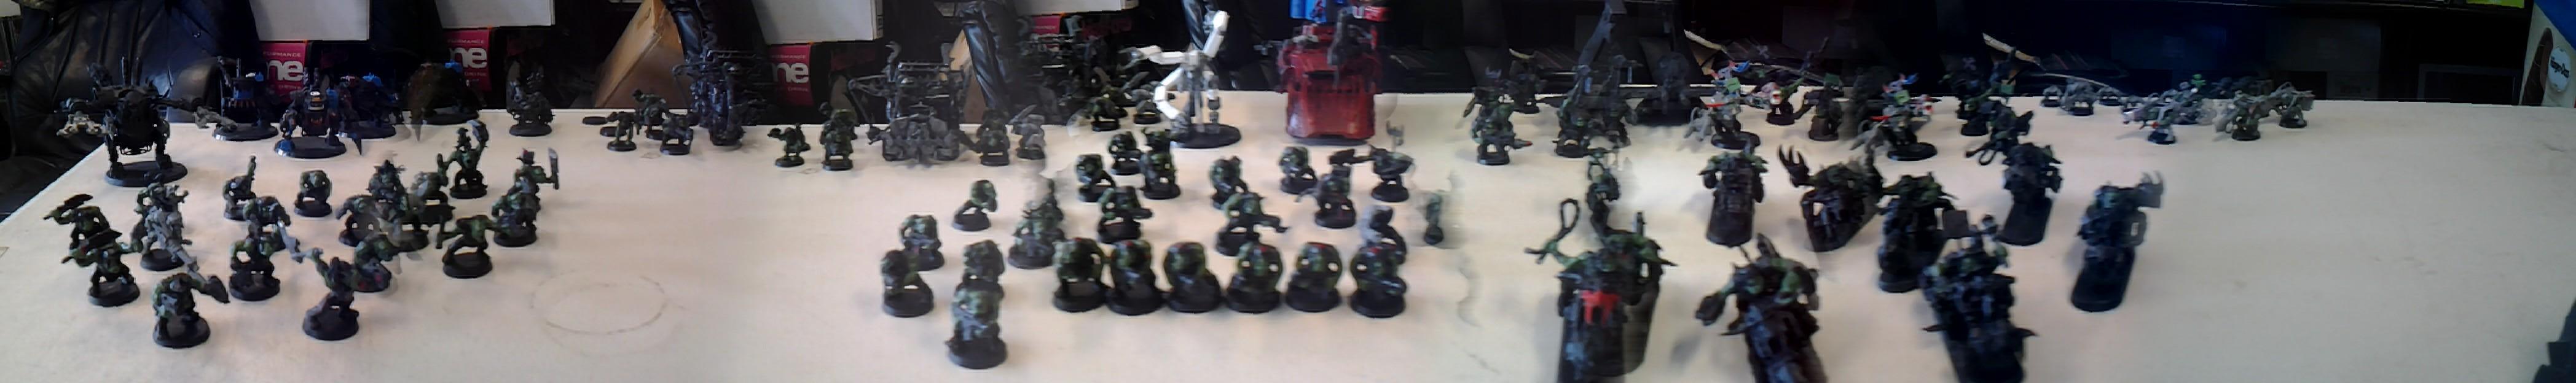 Army, Orks